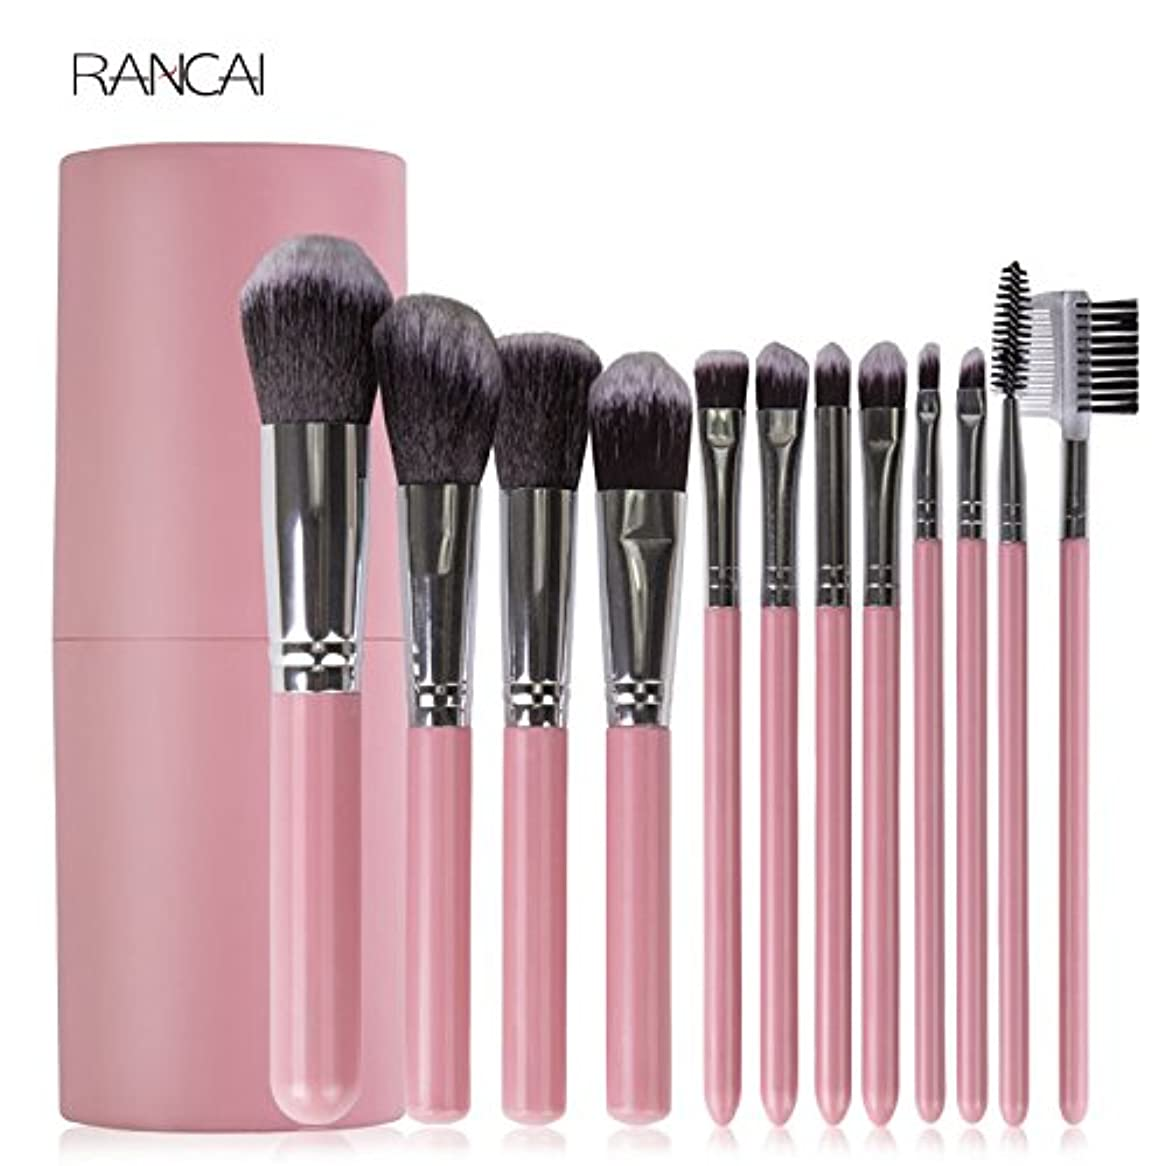 のれんインタフェースボイラー12pcs Pink Makeup Brushes Set Face Powder Foundation Contour Blush Eyebrow Brush & Comb Pincel Maquiagem with...